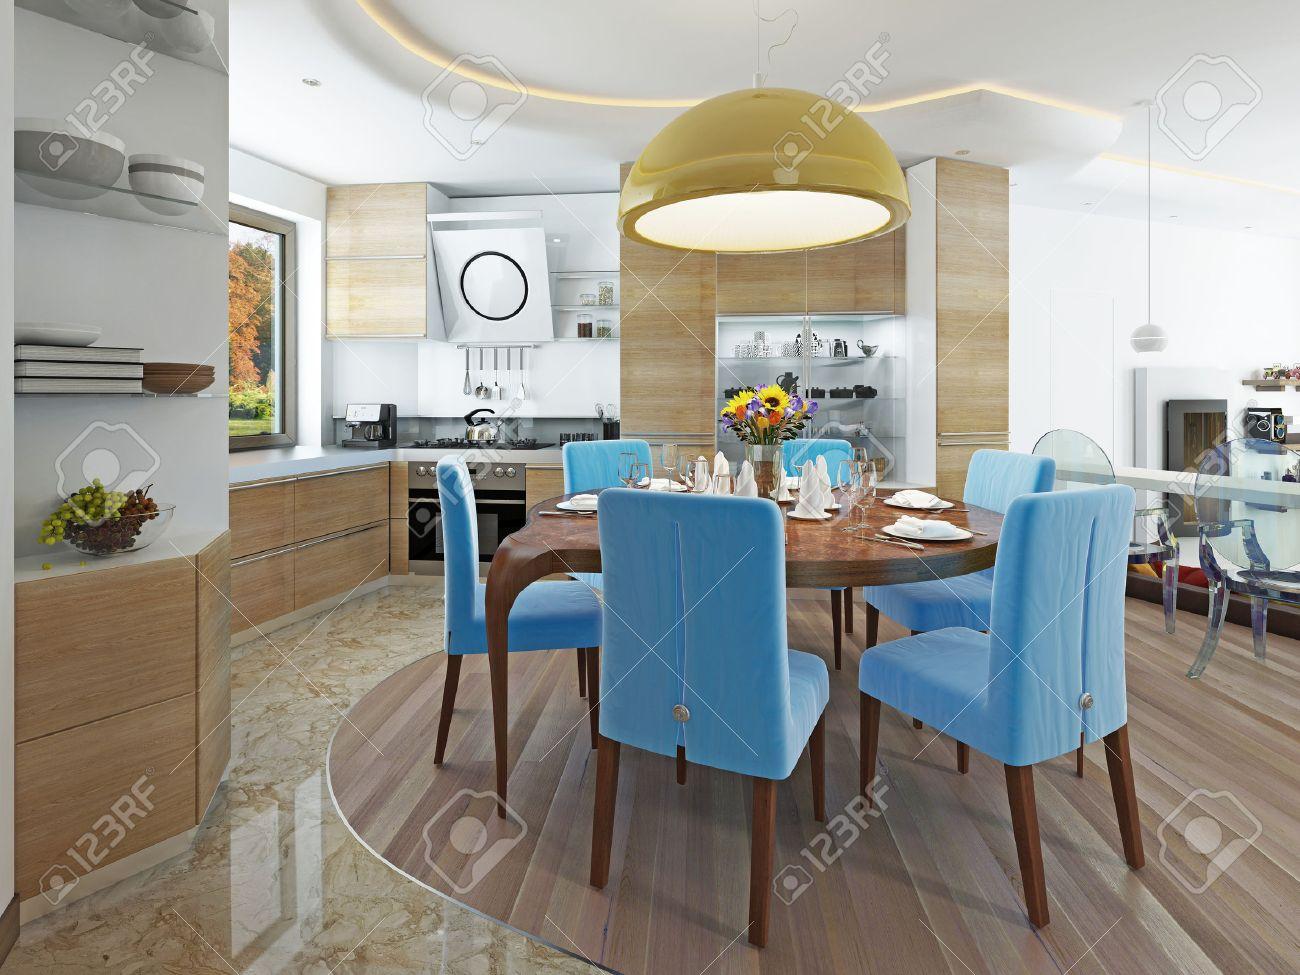 runder holztisch esszimmer, moderne esszimmer mit küche in einem trendigen stil kitsch. runder, Design ideen